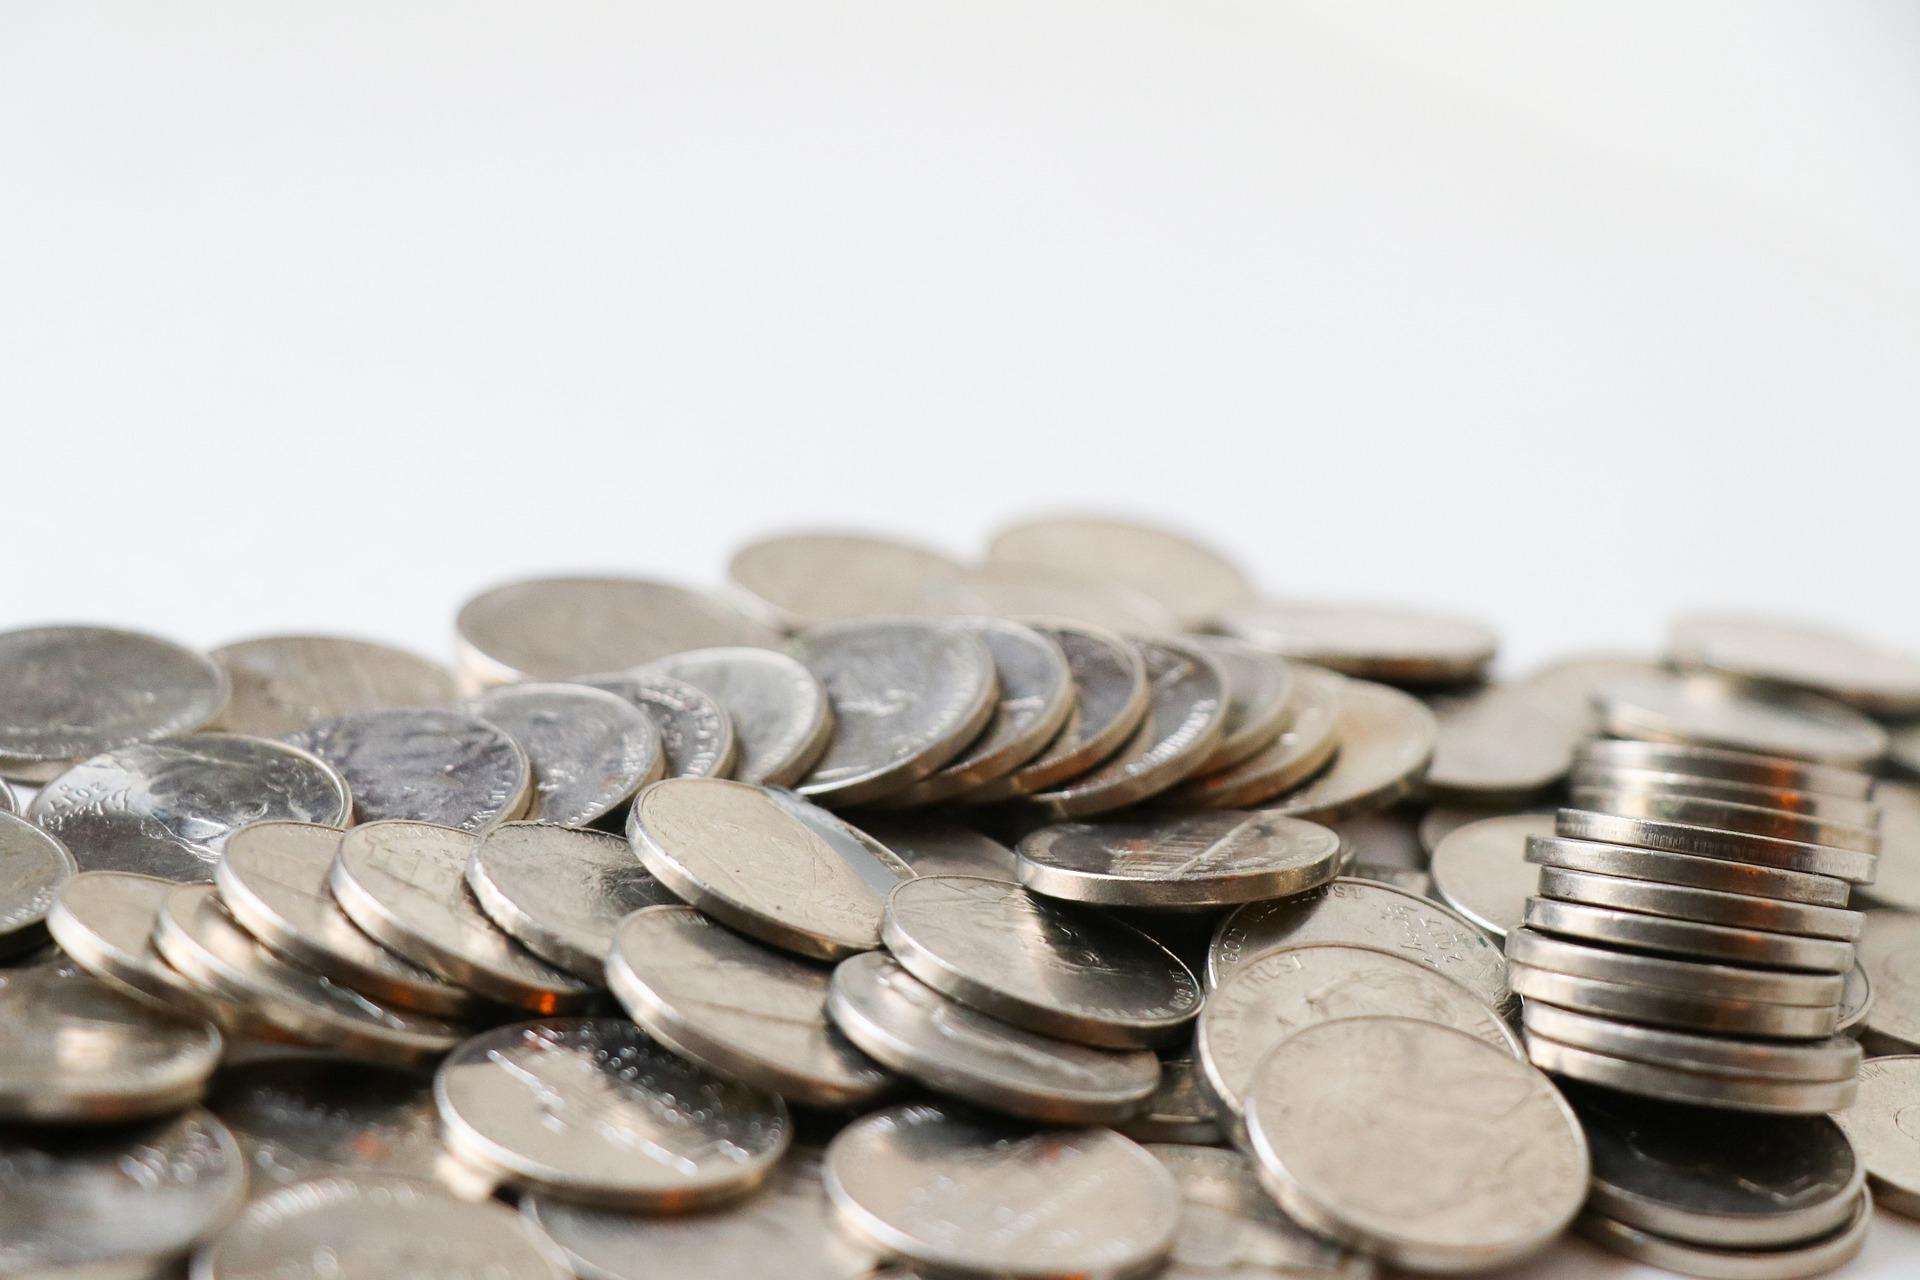 Аграрії Сумщини отримали кредити на суму 1,5 млрд гривень